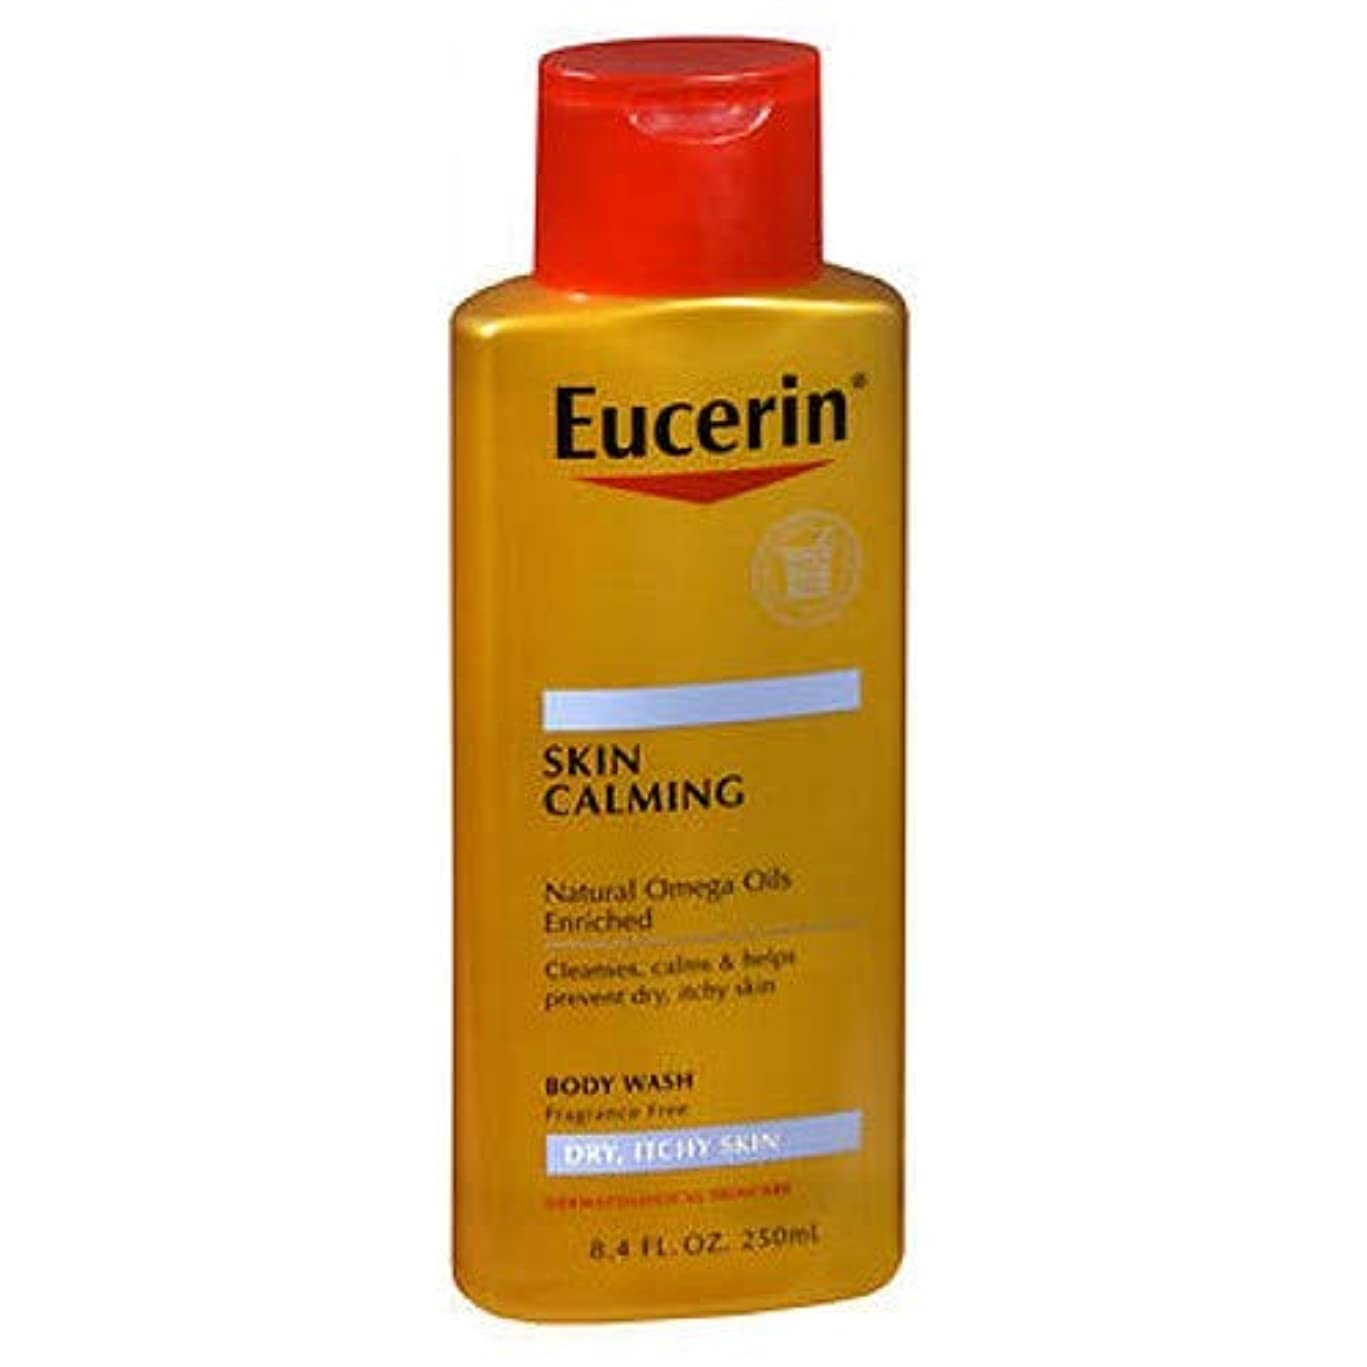 パッチ限界癒すユーセリン スキン クライミング ボディーウォシュ 乾燥した肌、かゆみのある肌向け用 無香料 (250 ml) (並行輸入品)